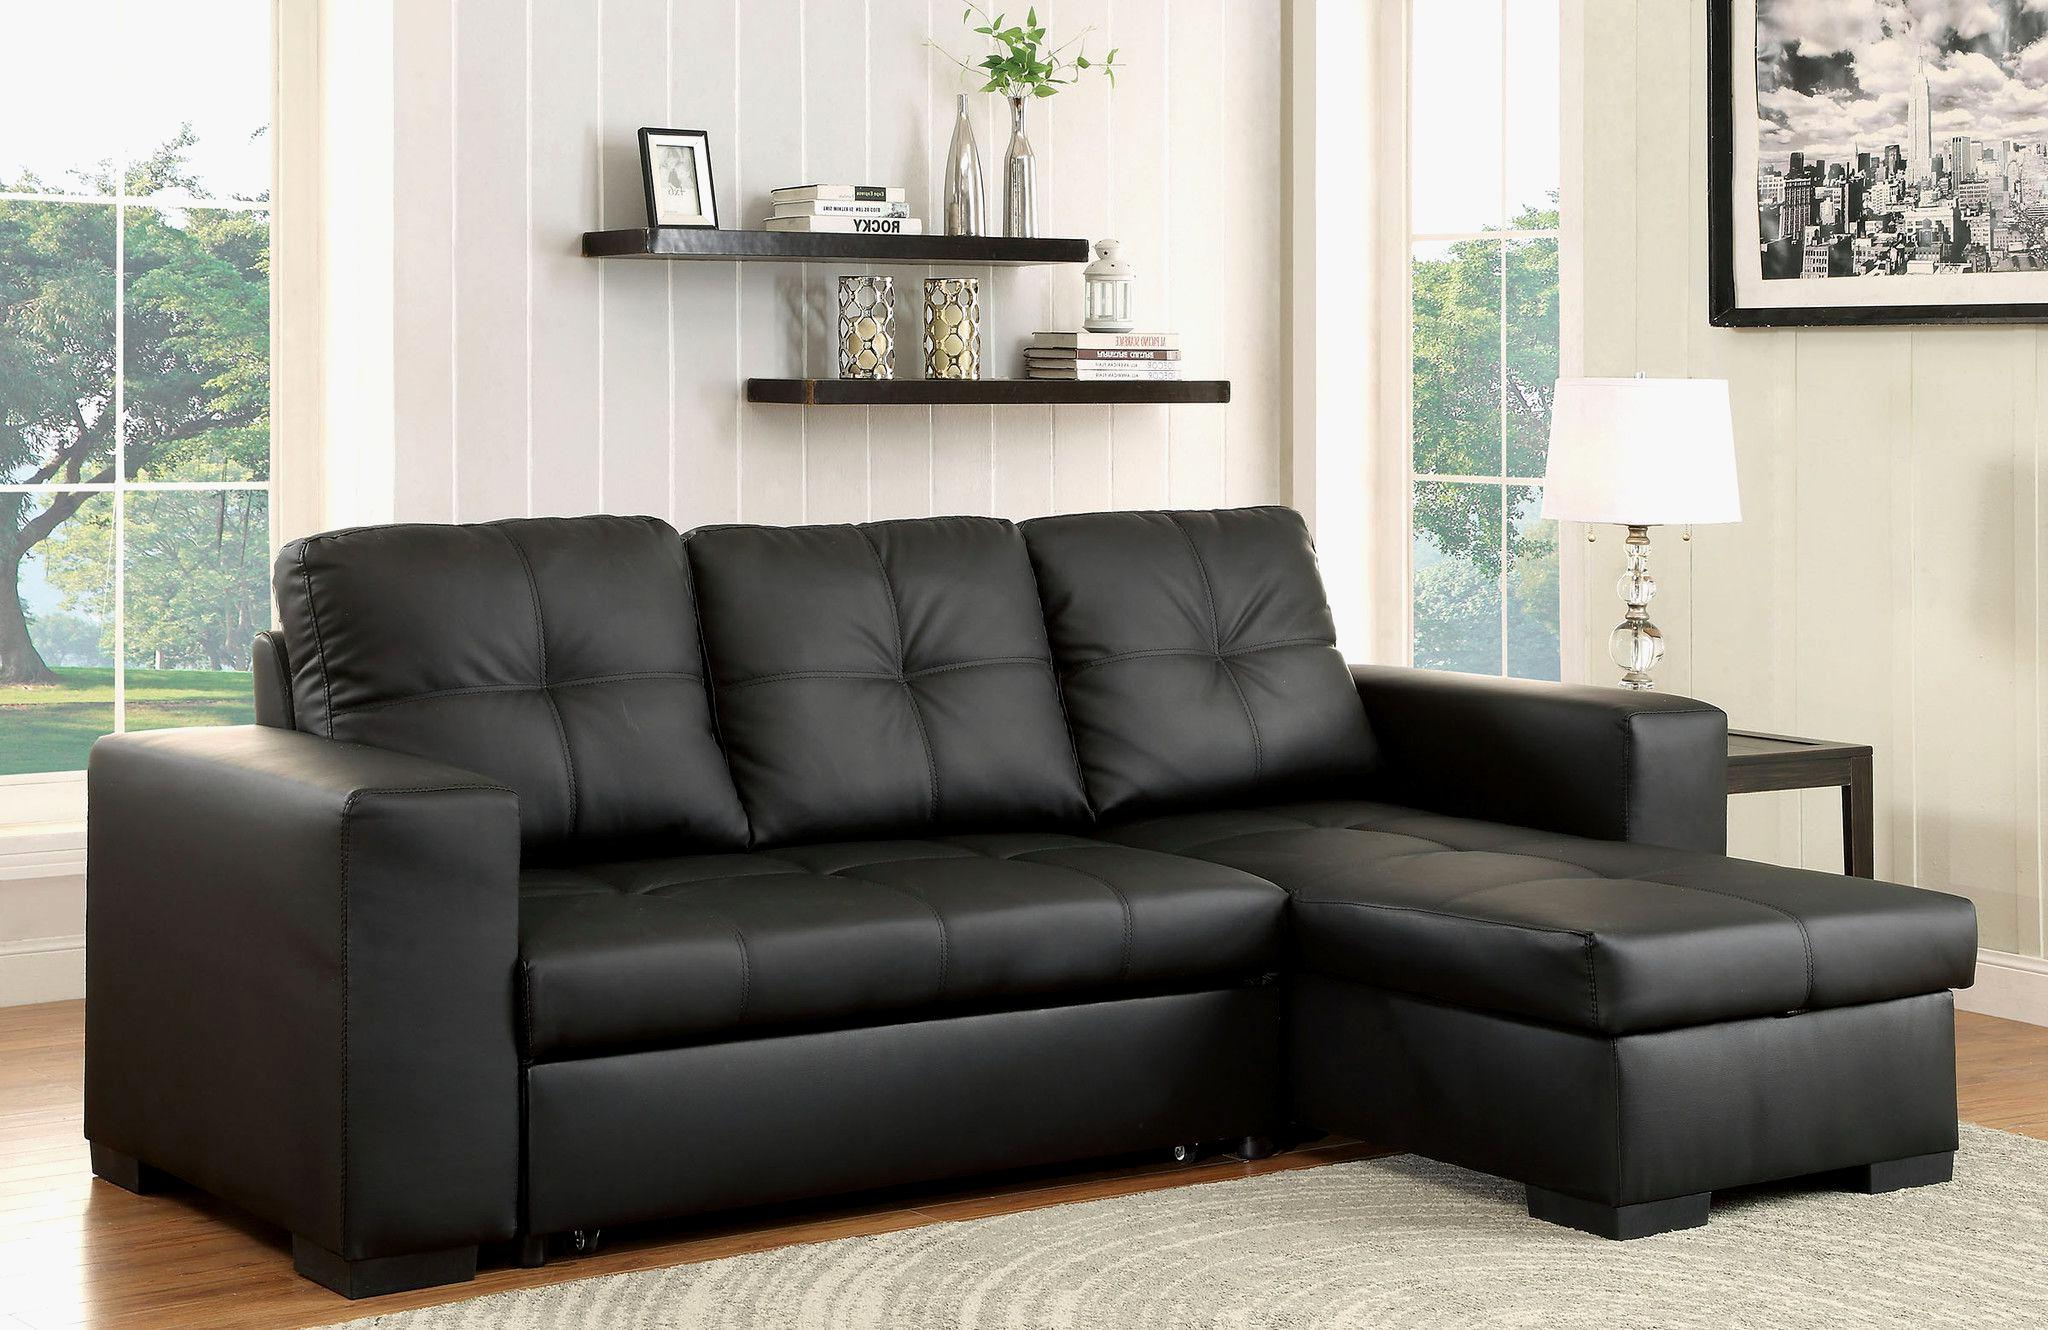 Telas Para Cubrir sofas Ikea Q0d4 Telas Para Cubrir sofas Ikea sofas A Medida Sevilla sofas A Medida